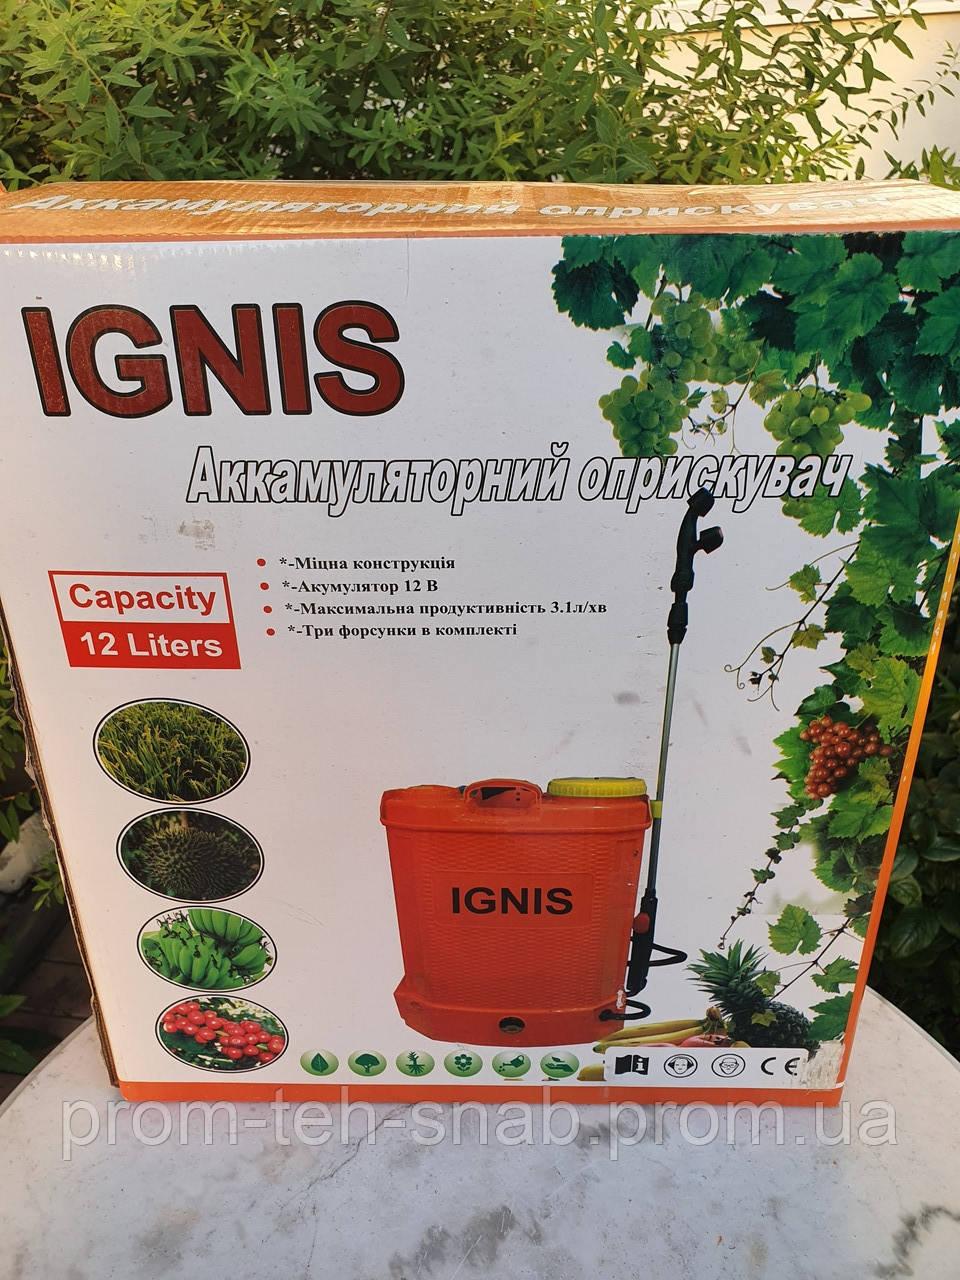 """Електричний ранцевий обприскувач """"IGNIS""""-12 літрів"""